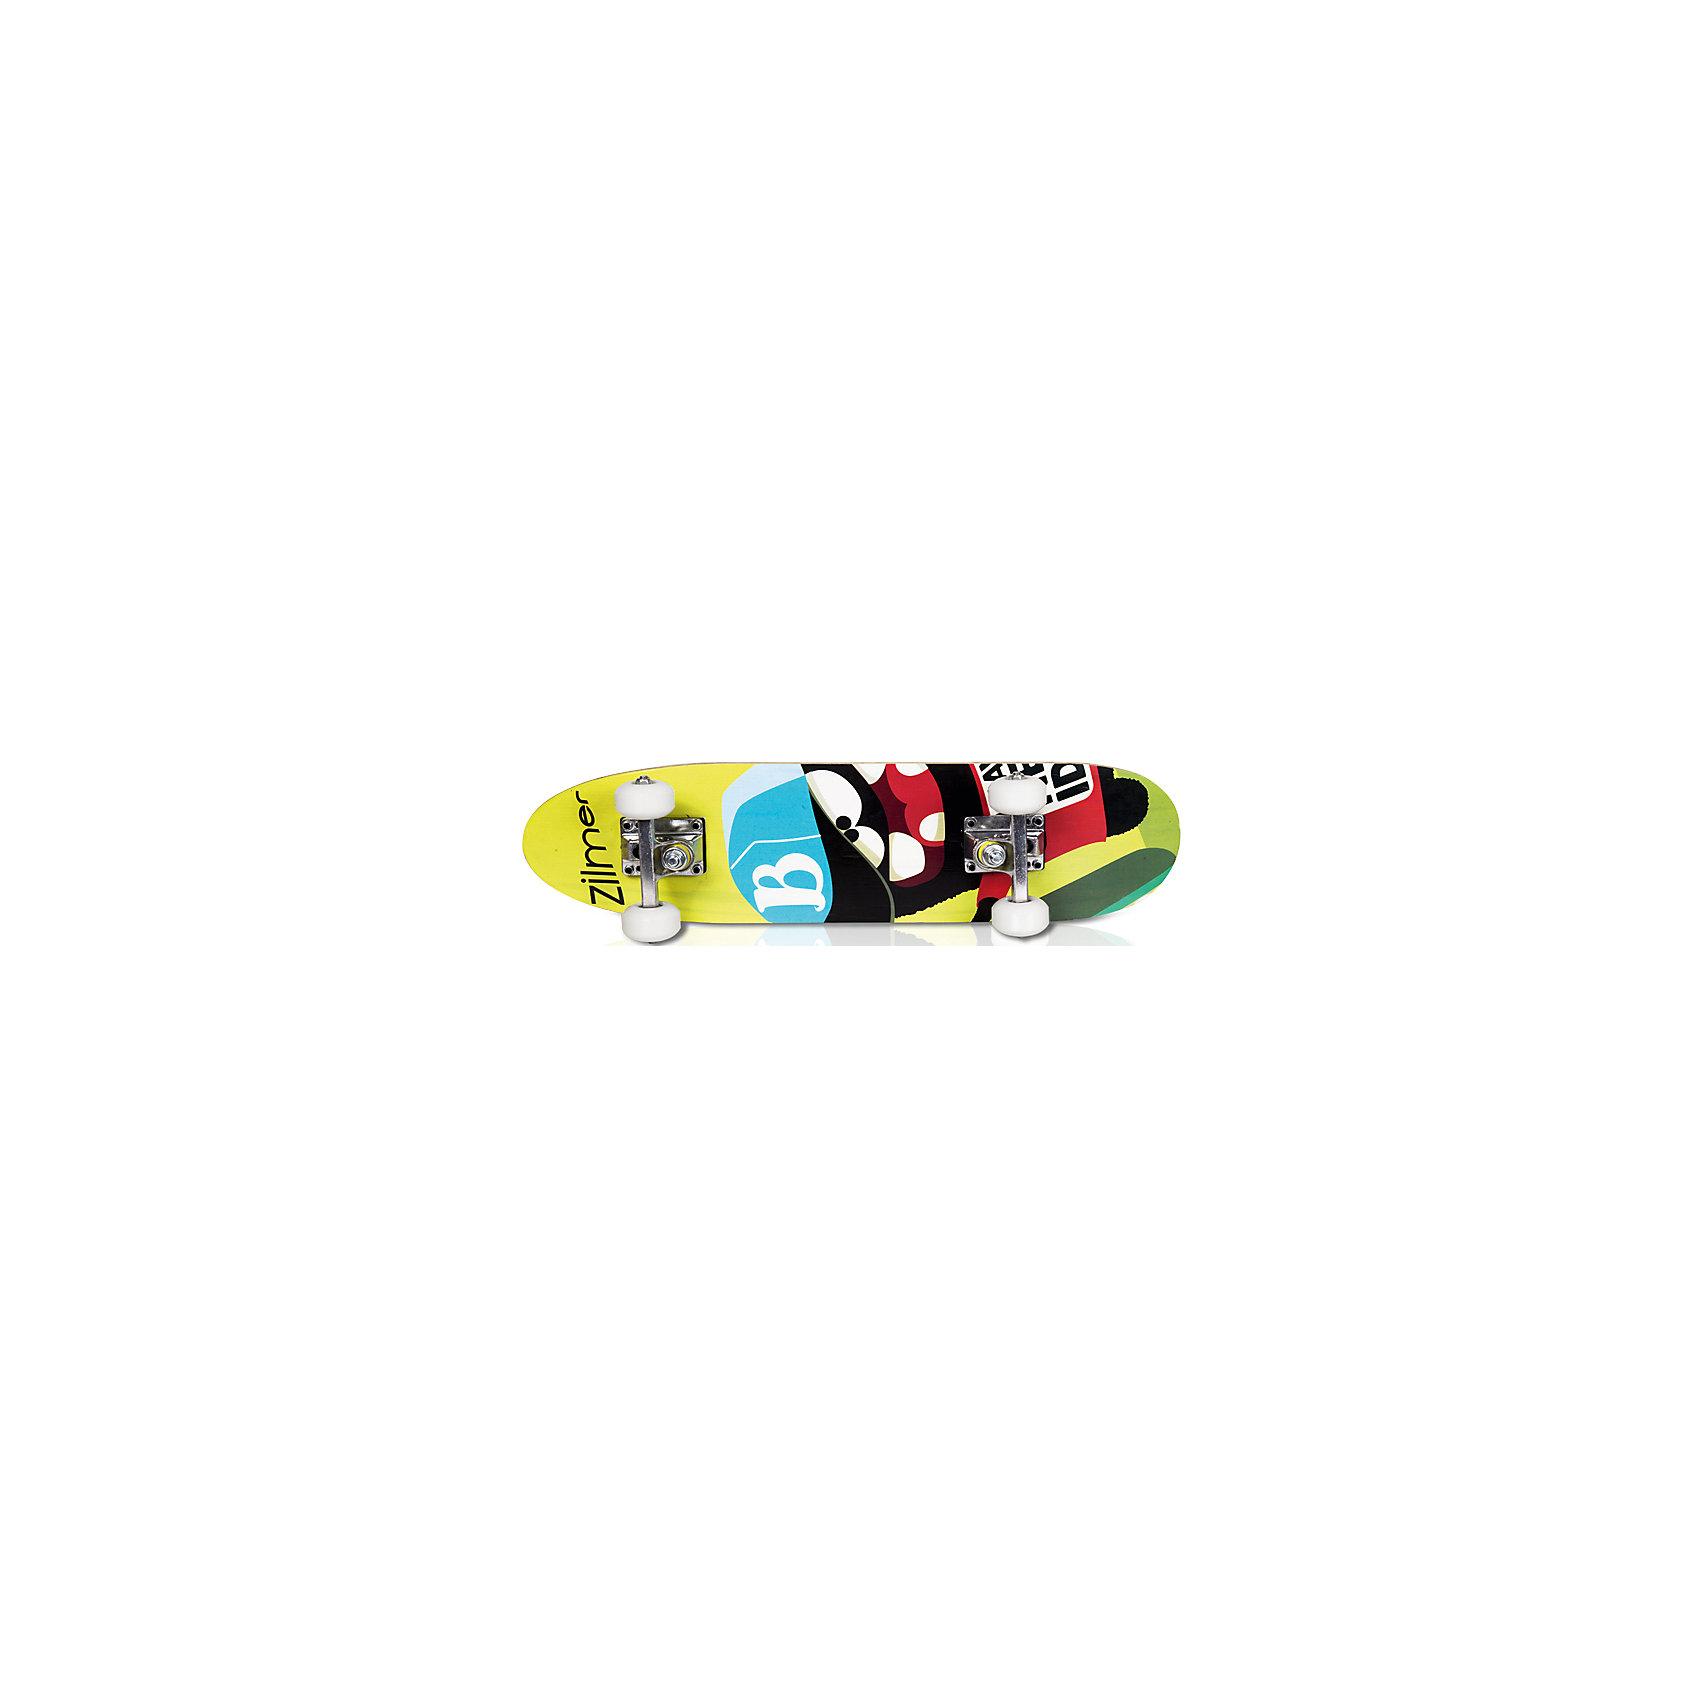 Набор для скейтбординга Крутой вираж, Zilmer, с орнаментомЭтот набор приведет в восторг всех юных экстремалов! В нем есть все, чтобы научиться кататься на скейте. Стильный скейтборд с  рельефной поверхностью, деревянной декой, подвеской из алюминия и полиуретановыми колесами обеспечит хорошее сцепление с поверхностью, быстрый разгон и торможение. Полный комплект защиты, состоящий из прочных наколенников, налокотников, перчаток на запястья и шлема гарантирует комфорт и безопасность. Шлем с отверстиями для вентиляции застегивается на ремешки. Катание на скейтборде стимулирует ребенка к физической активности на свежем отдыхе, помогает развить различные группы мышц и укрепить иммунитет.   Дополнительная информация:  - Материал: полиуретан, алюминий, дерево, пластик. - Комплектация: скейтборд, шлем, комплект защиты. - Размер упаковки: 60х30х25 см. - Размер скейтборда: 60х15 см.  - Размер колес: 50х30 мм. - Шлем застегивается на ремешок. - Антискользящая платформа. Набор для скейтбординга Крутой вираж, Zilmer можно купить в нашем магазине.<br><br>Ширина мм: 600<br>Глубина мм: 300<br>Высота мм: 250<br>Вес г: 2383<br>Возраст от месяцев: 36<br>Возраст до месяцев: 72<br>Пол: Унисекс<br>Возраст: Детский<br>SKU: 4829651